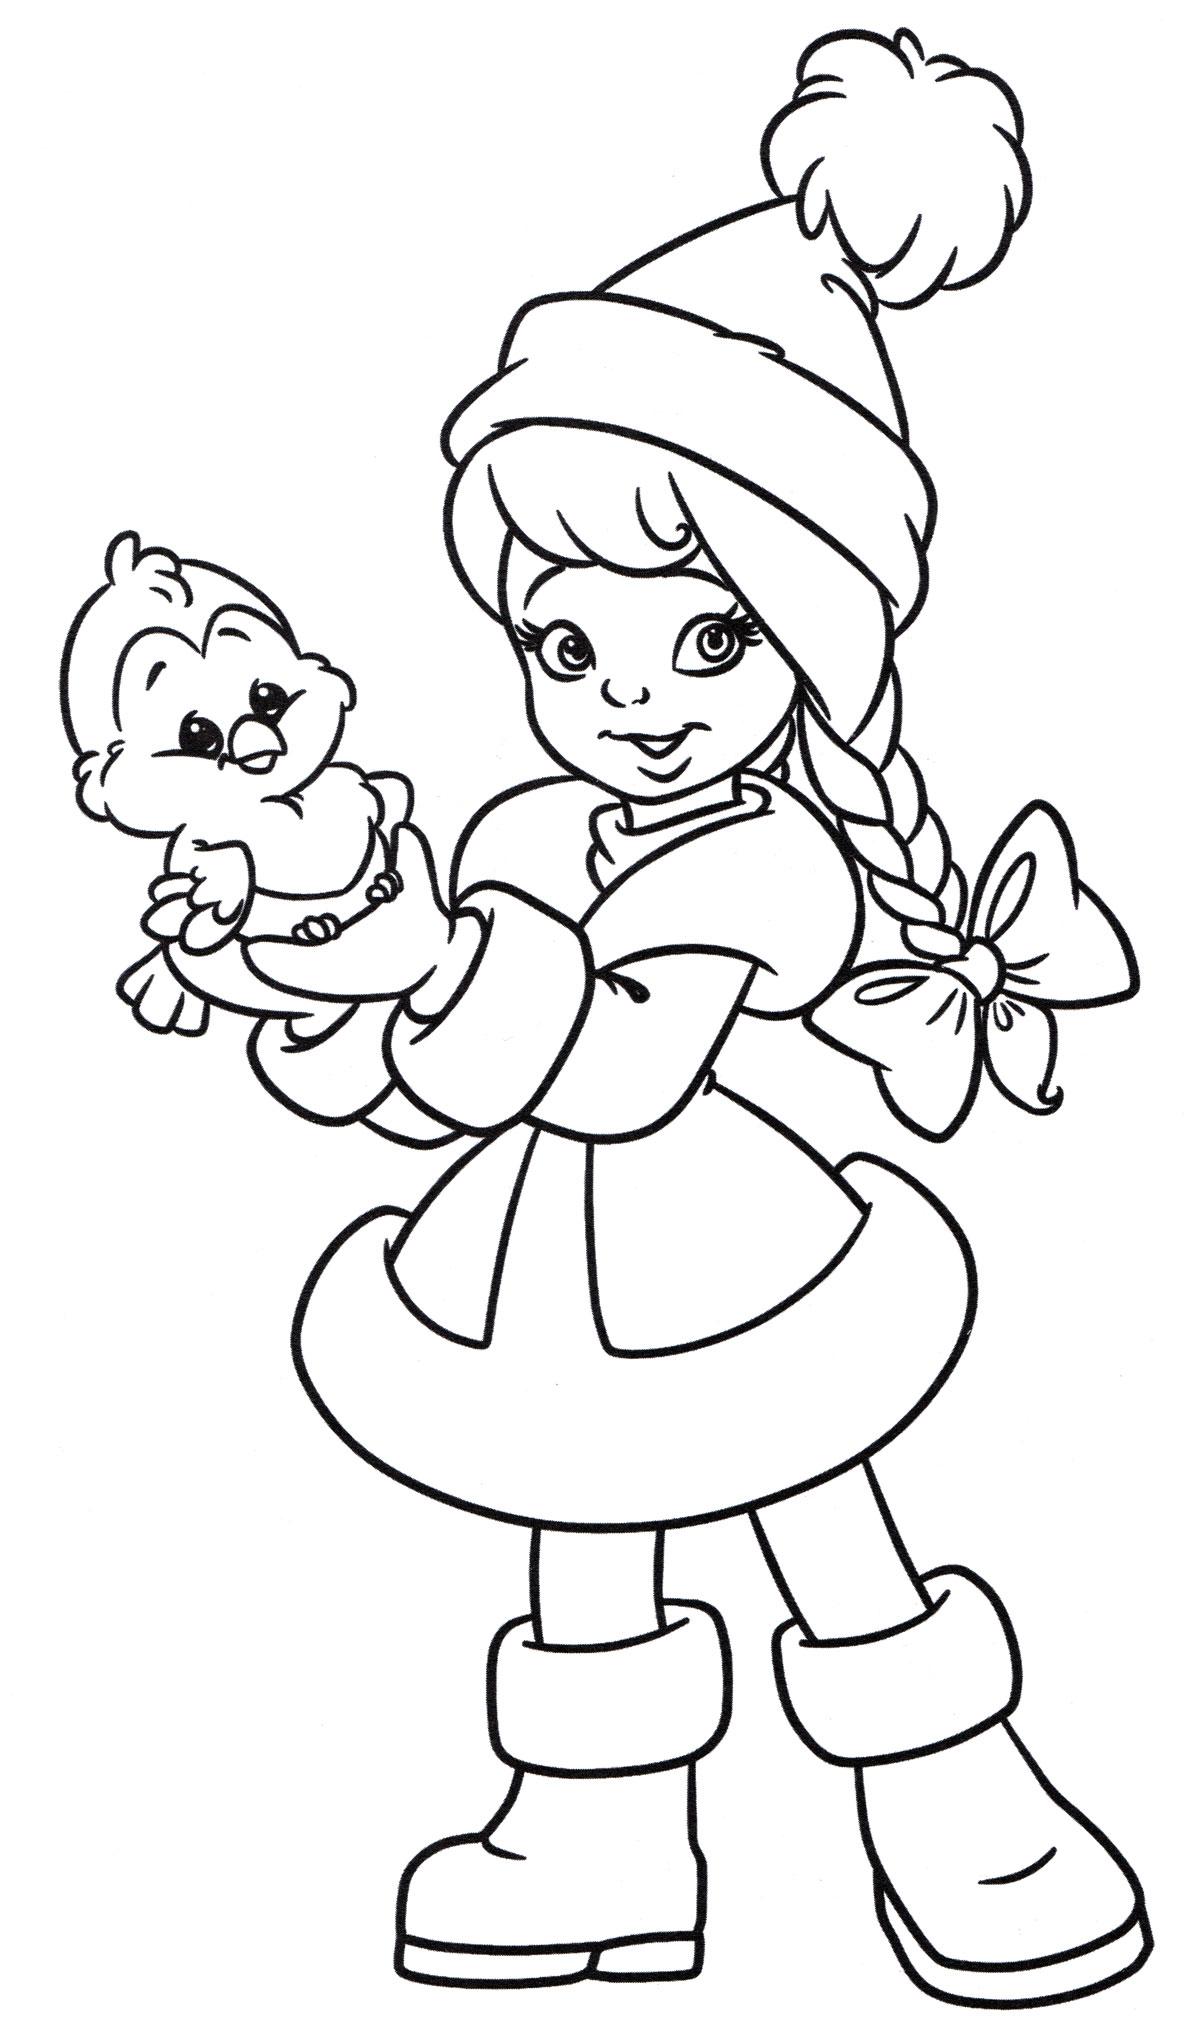 Раскраска Маленькая снегурочка